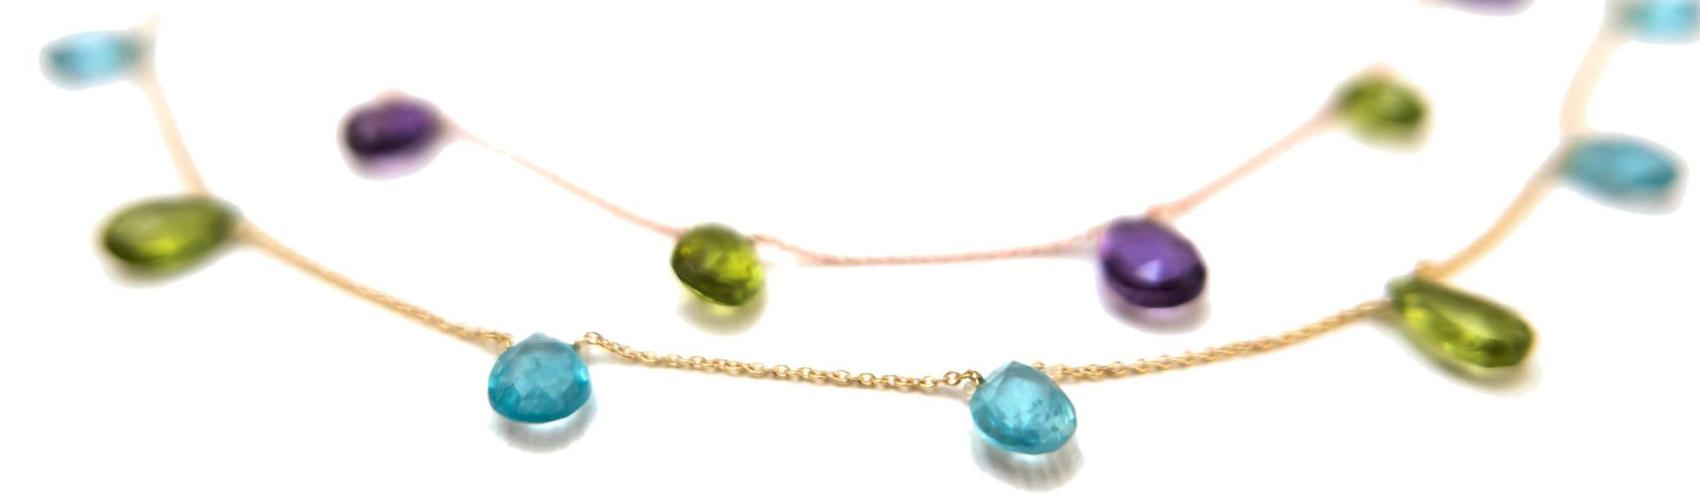 gioielli-bologna-collana-chiara-parra-laboratorio-di-gioielli-e-oreficeria-daniele-pifferi-bologna-centro